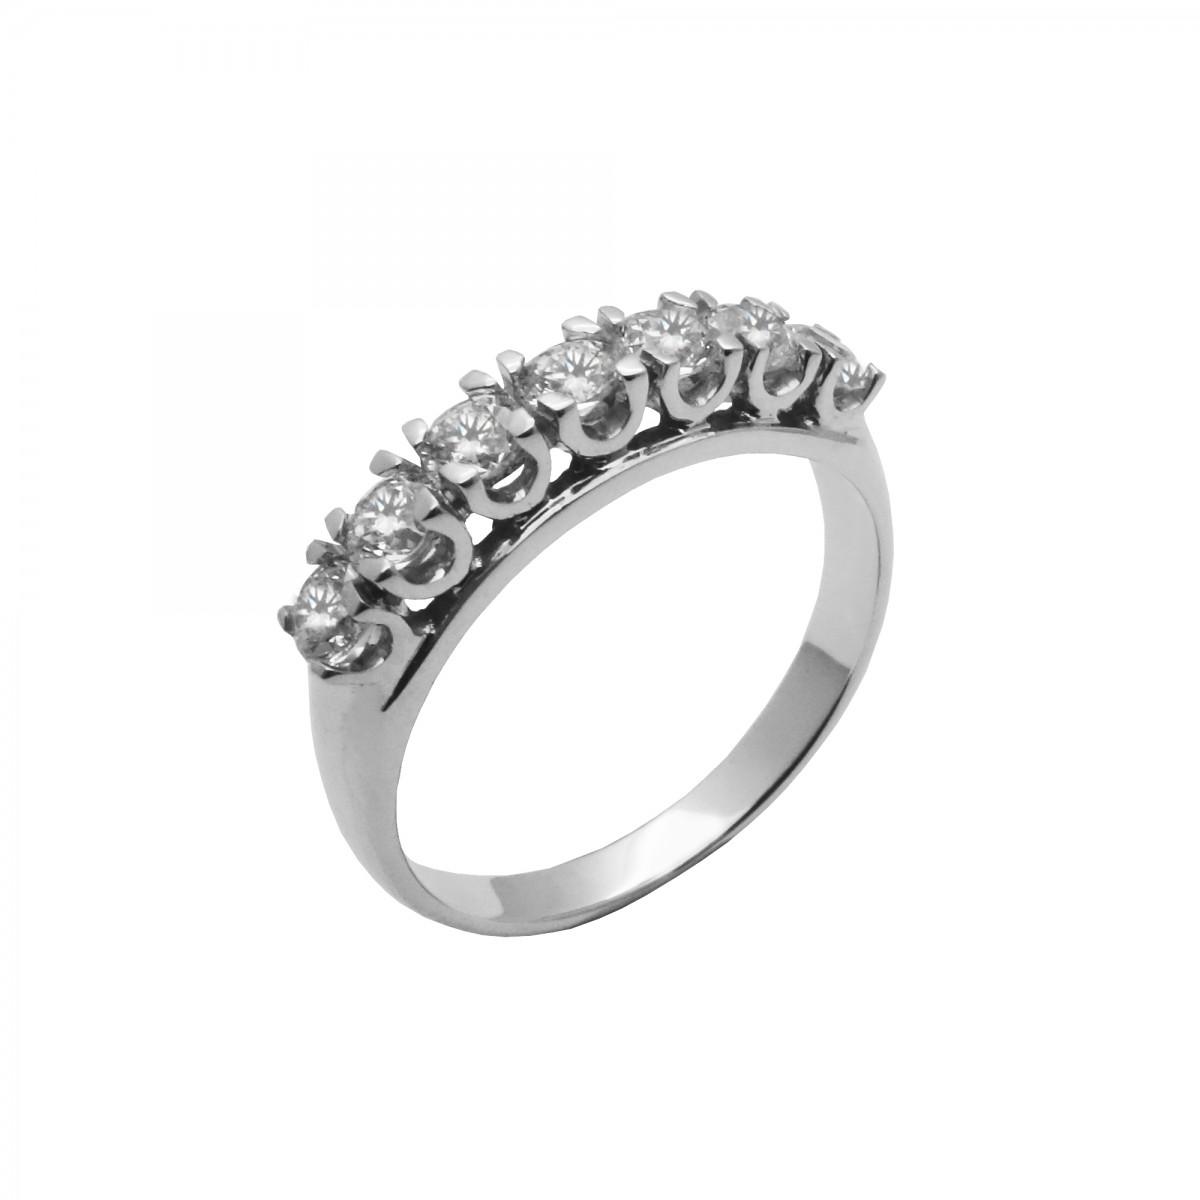 Δαχτυλίδι γυναικείο λευκόχρυσο 14 καράτια - 170€ dbed76b9361